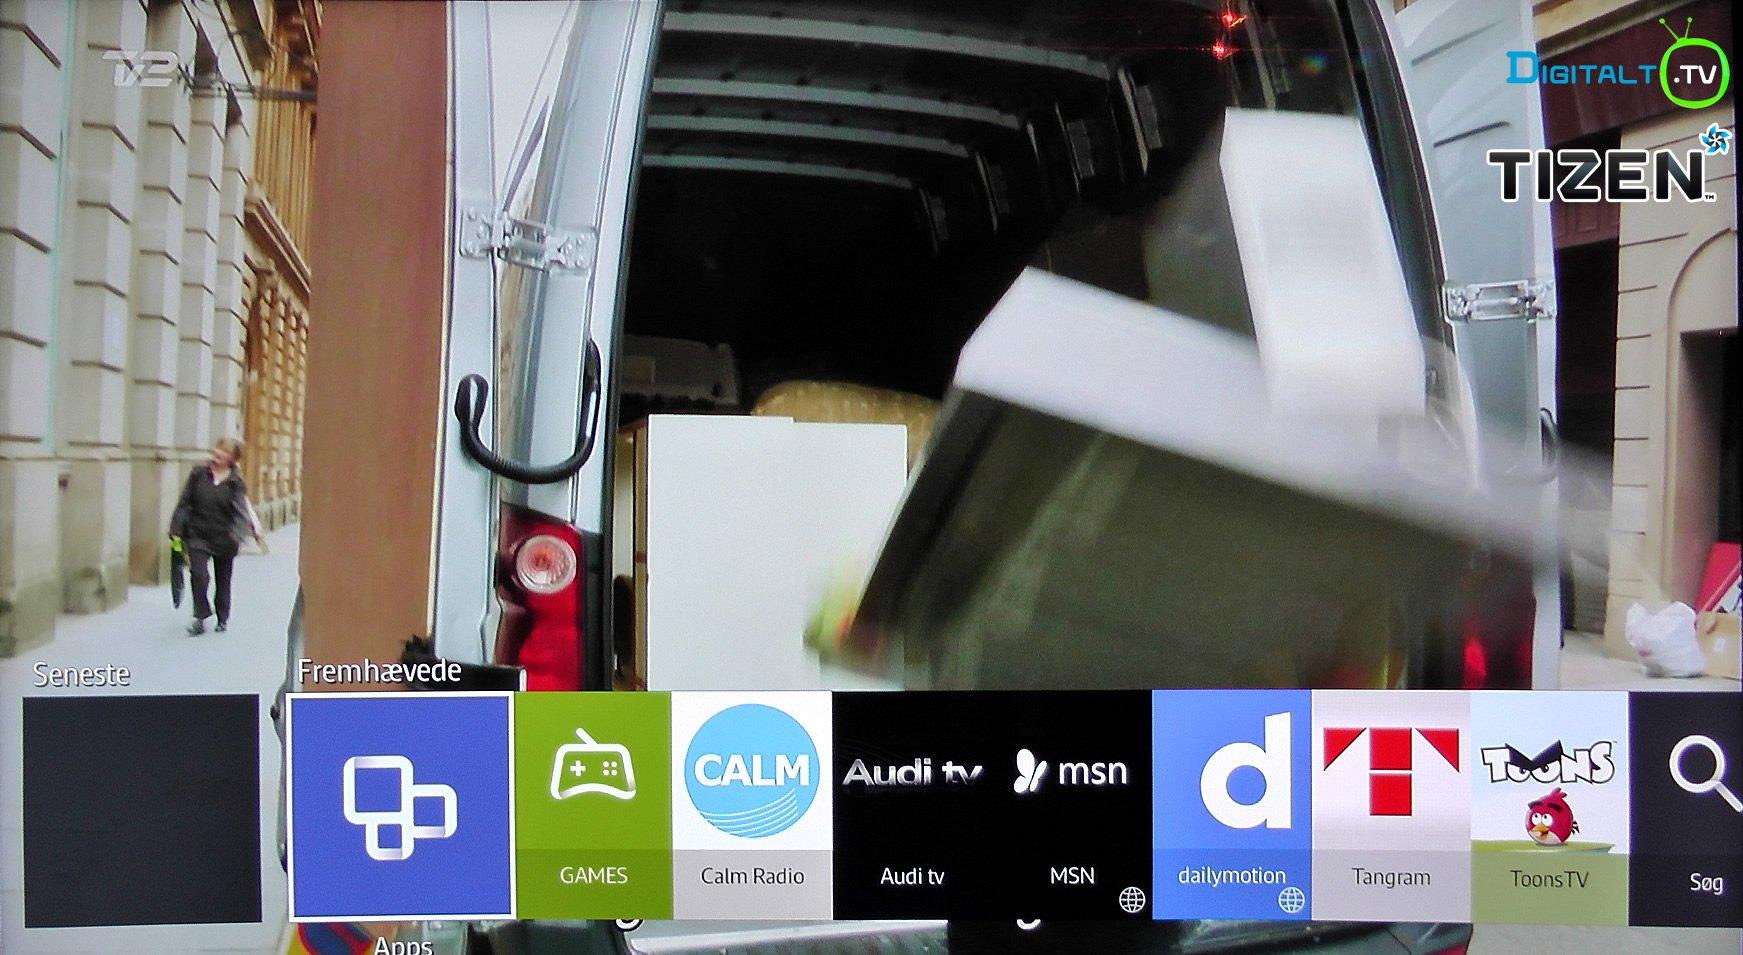 2015 Smart TV Tizen fremhævede